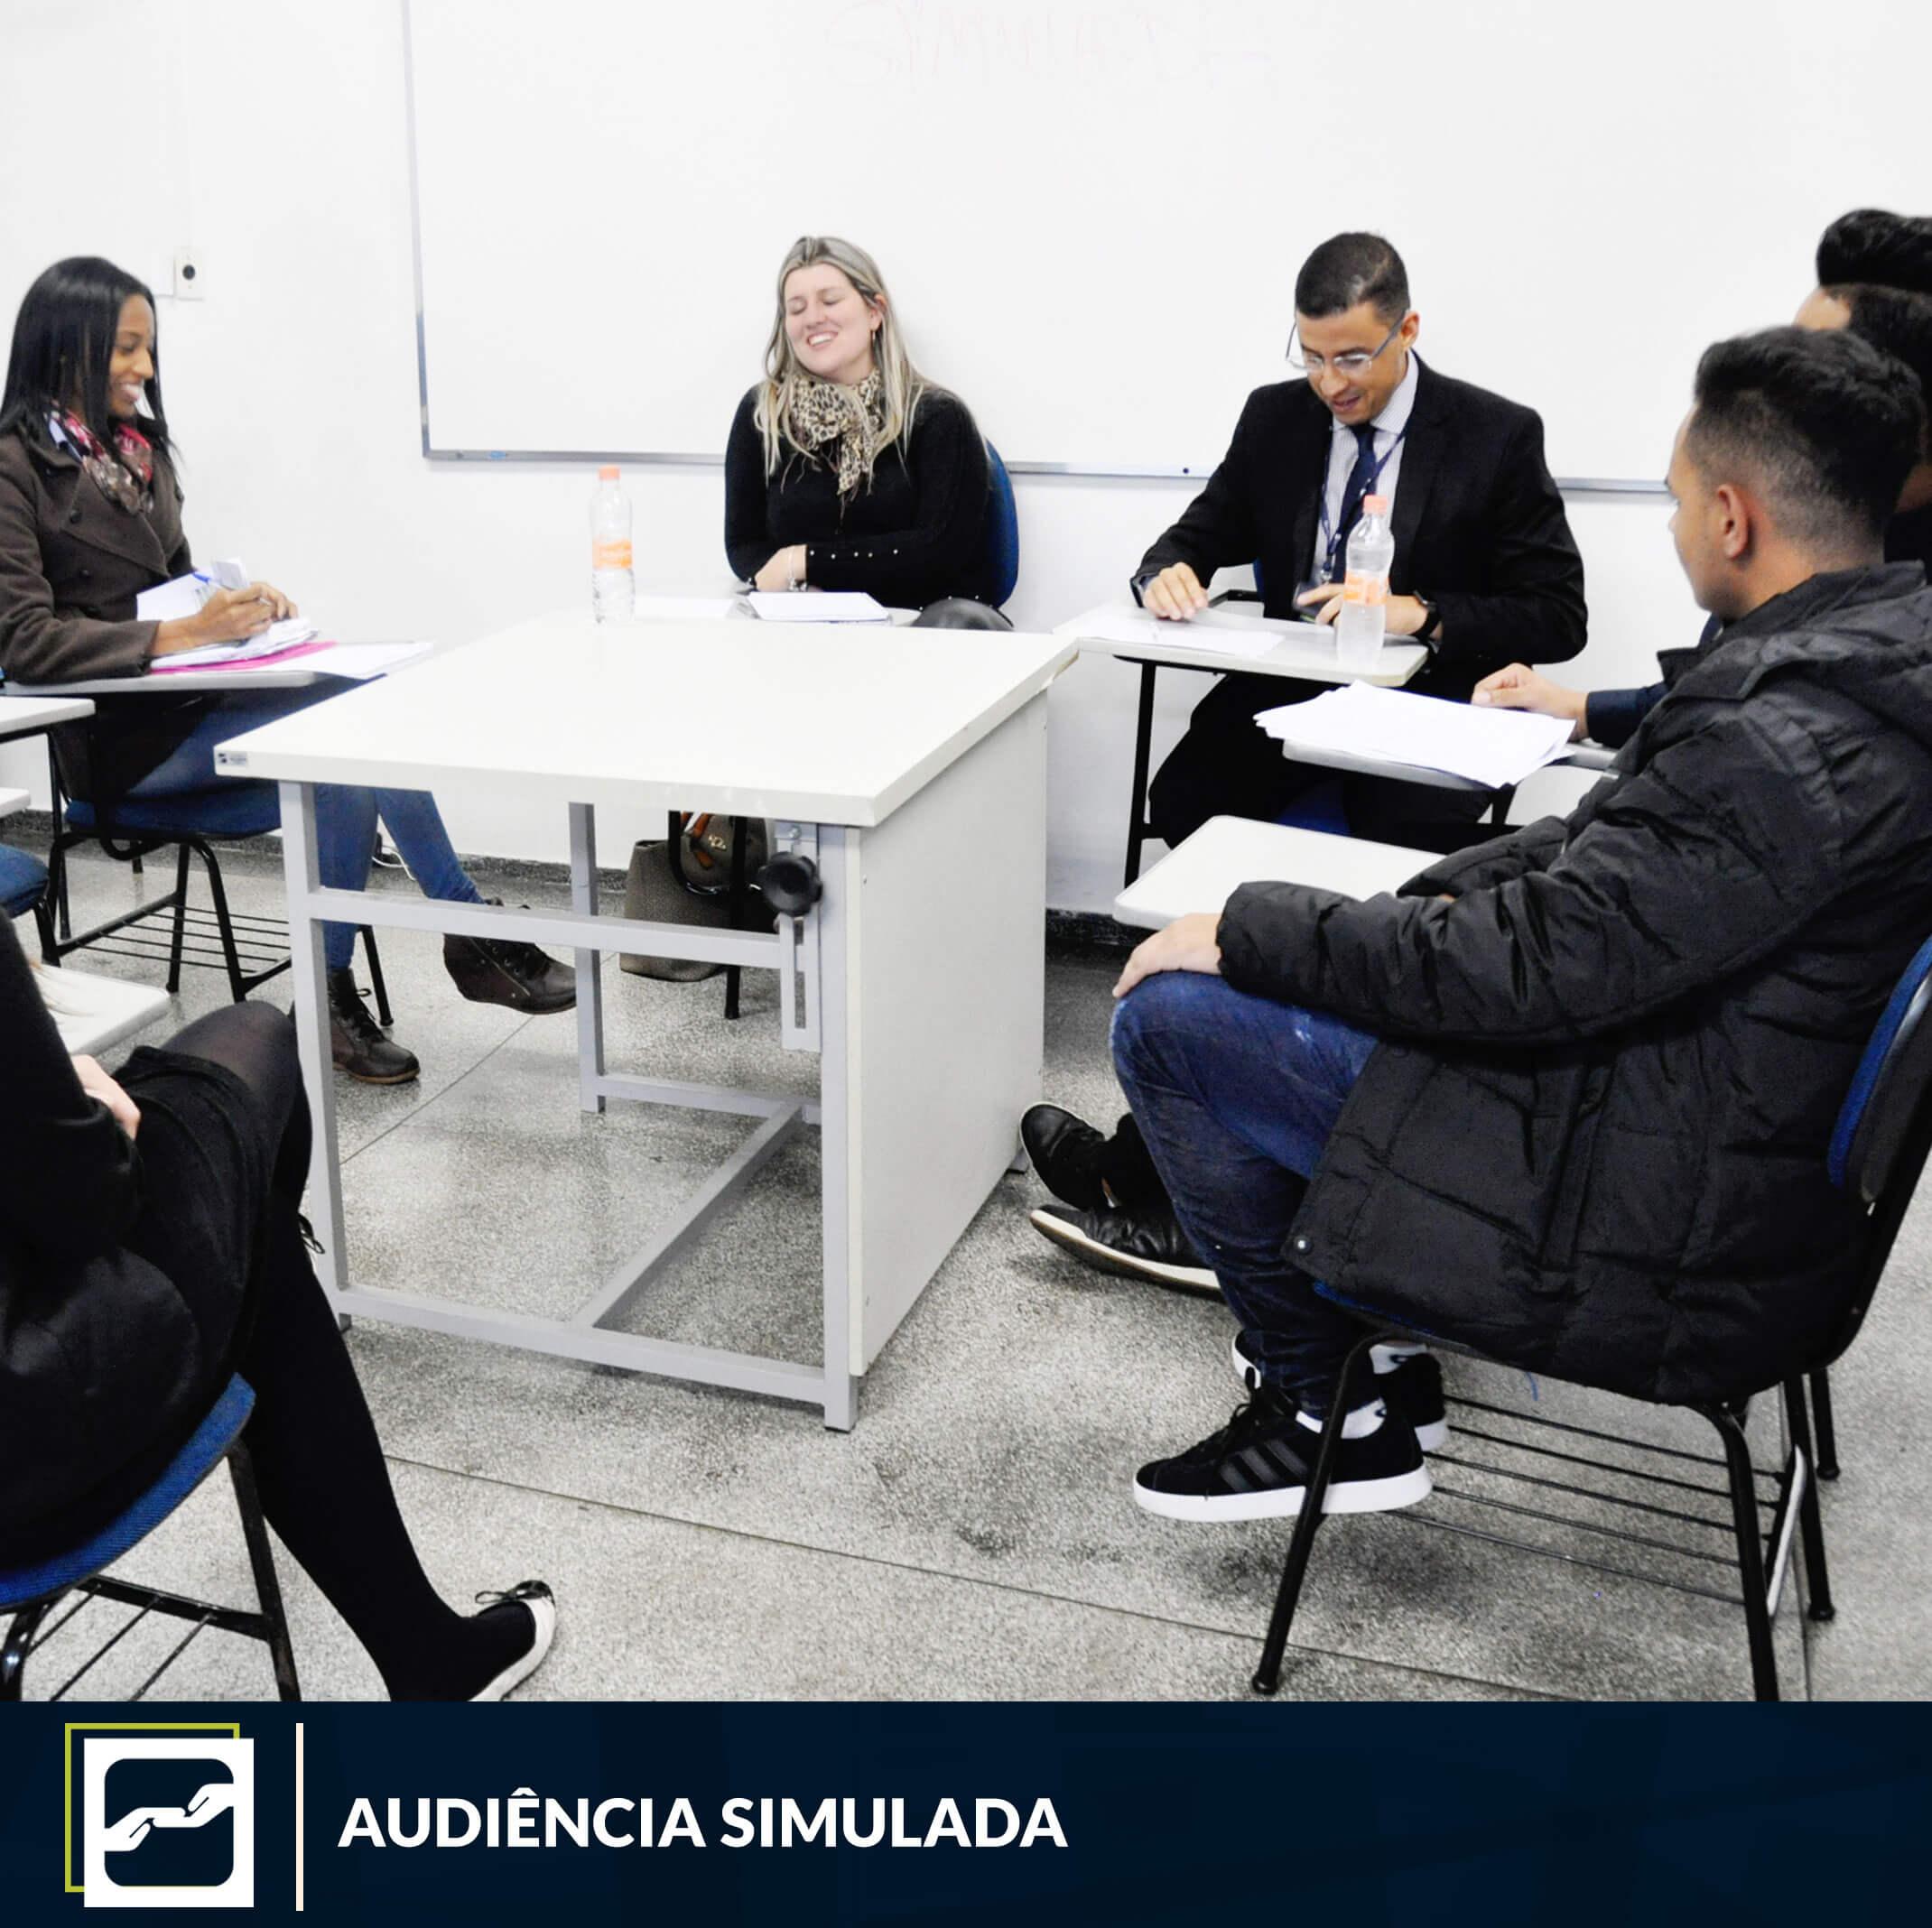 audiencia-simulada-administracao-famesp